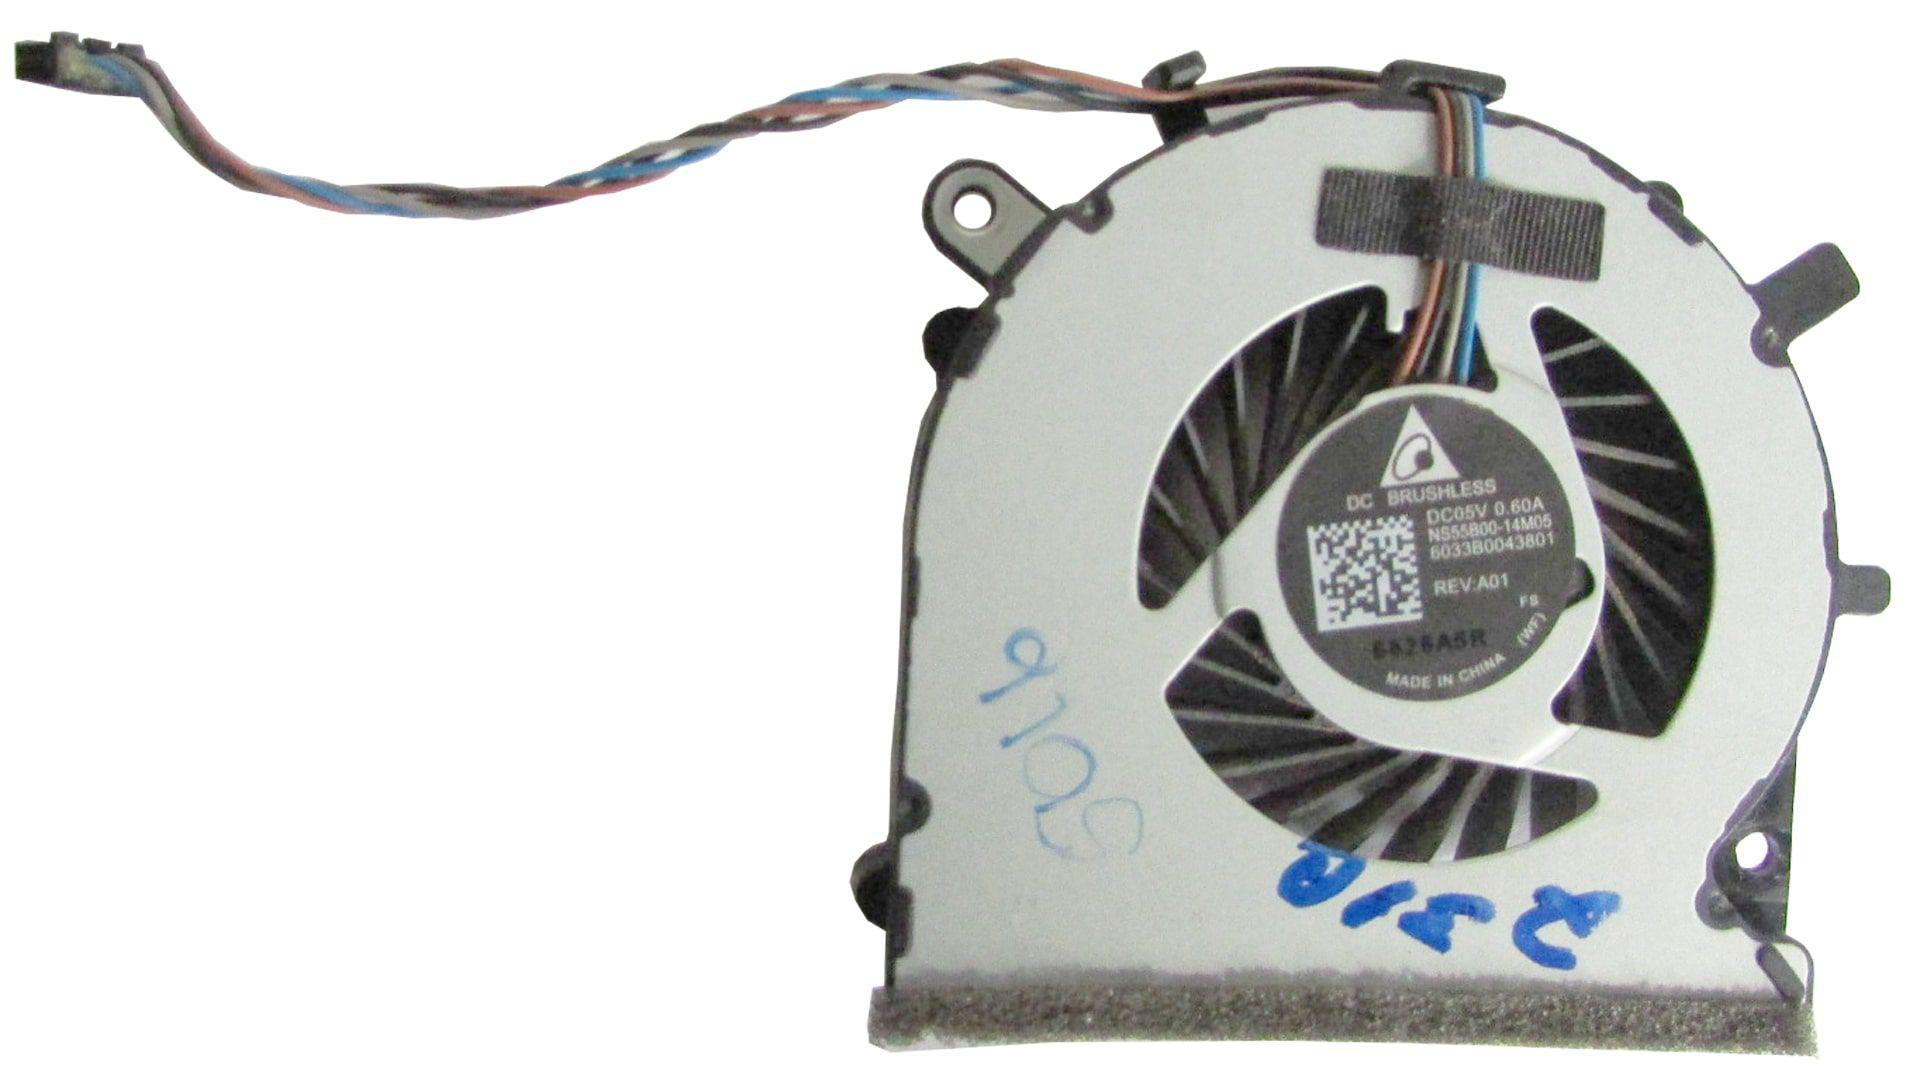 Cooler Notebook HP Pavilion 14-AF DC05V 0.60A 6033B0043801 Retirado